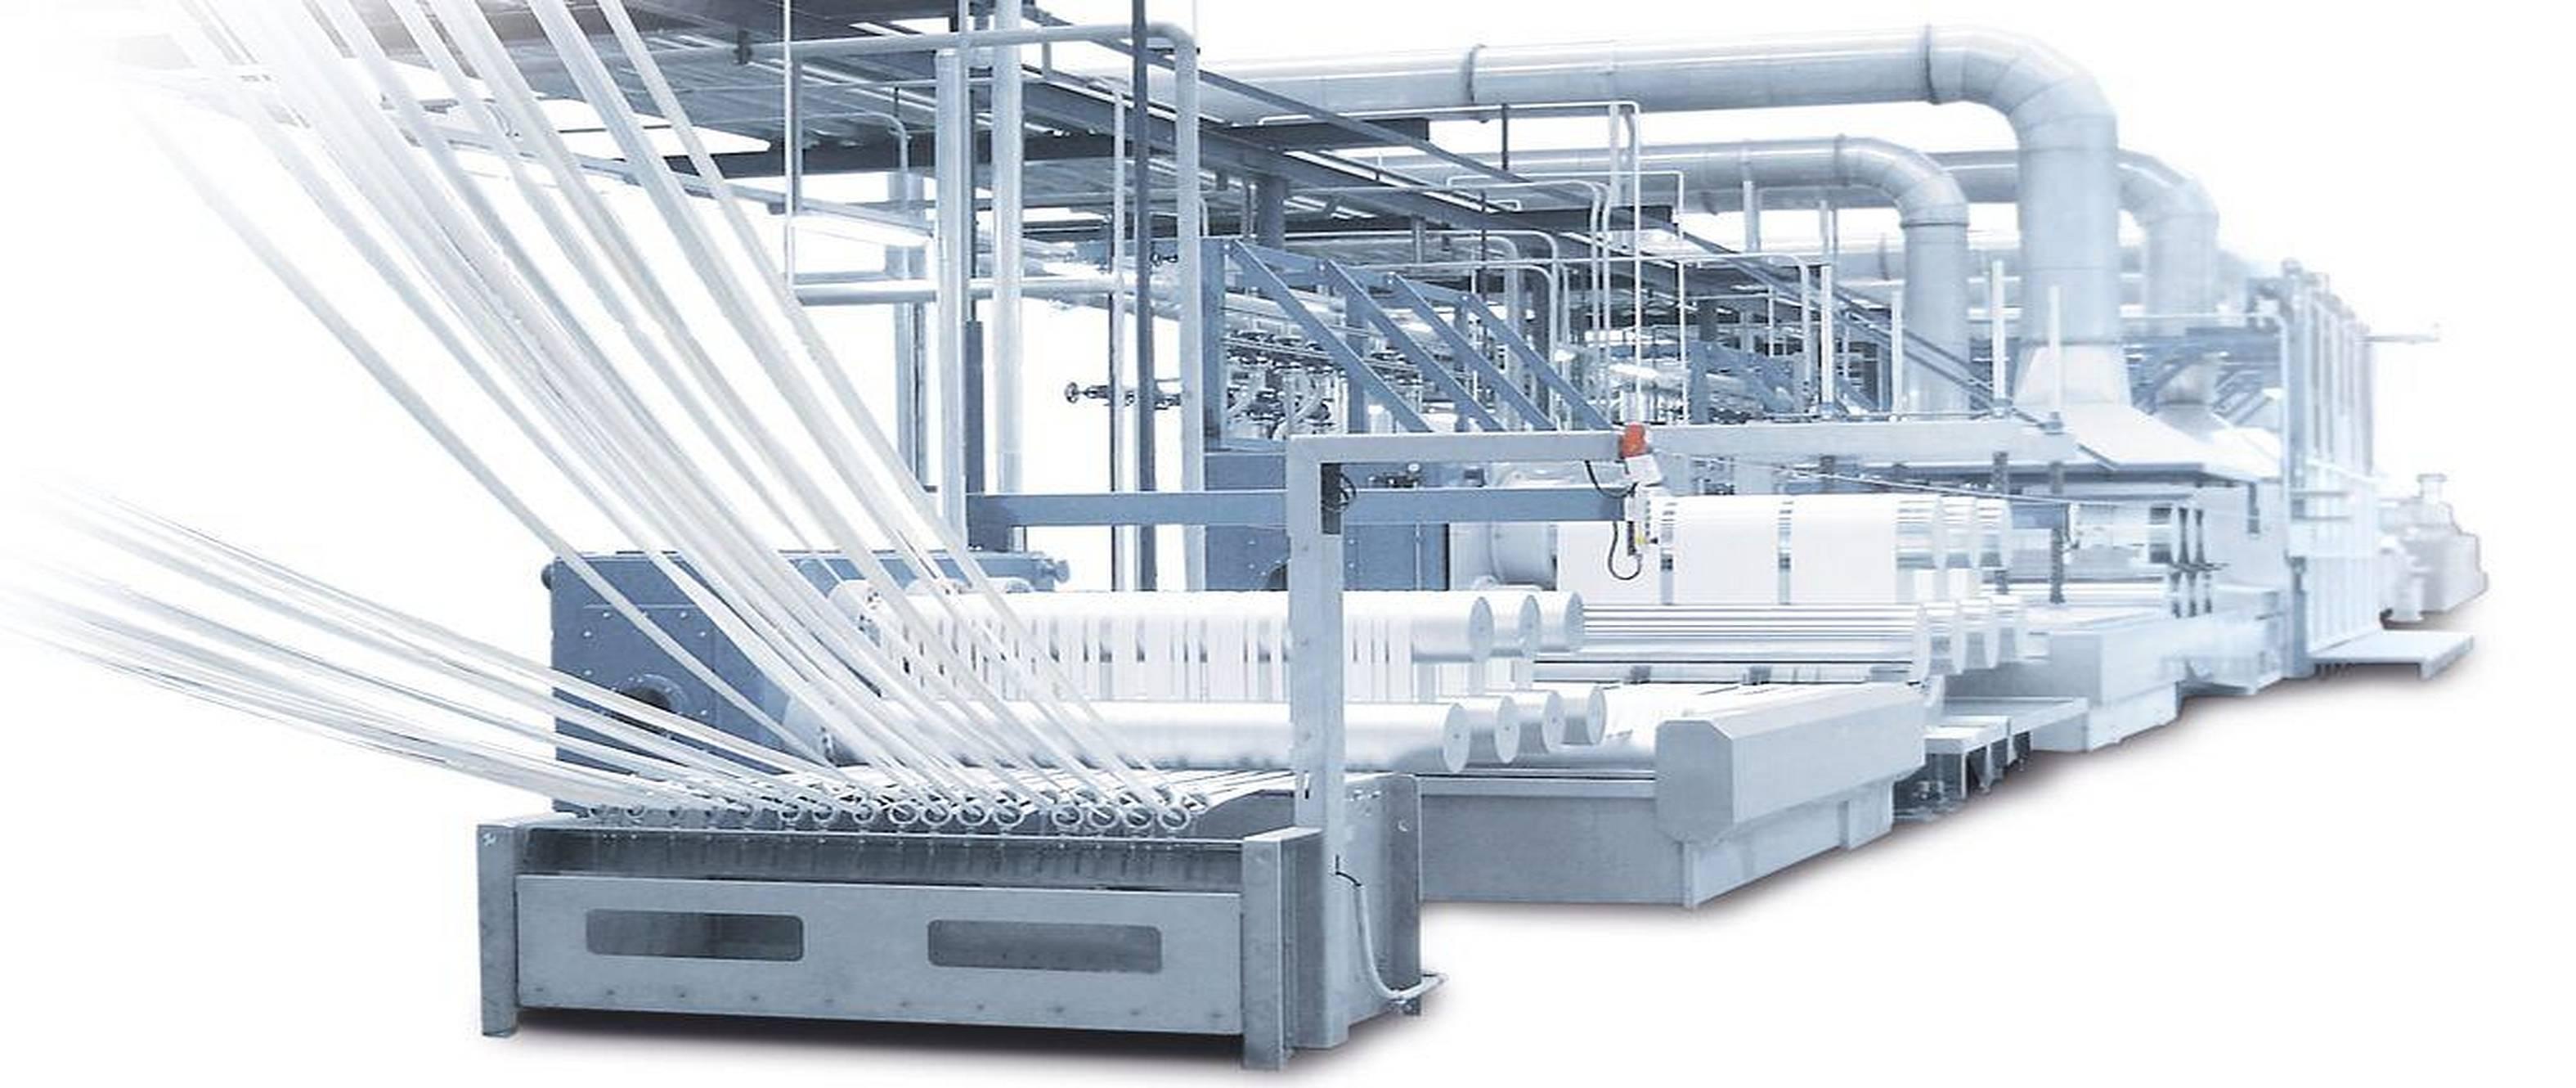 Gama Recycle, Oerlikon Neumag ile Anlaştı